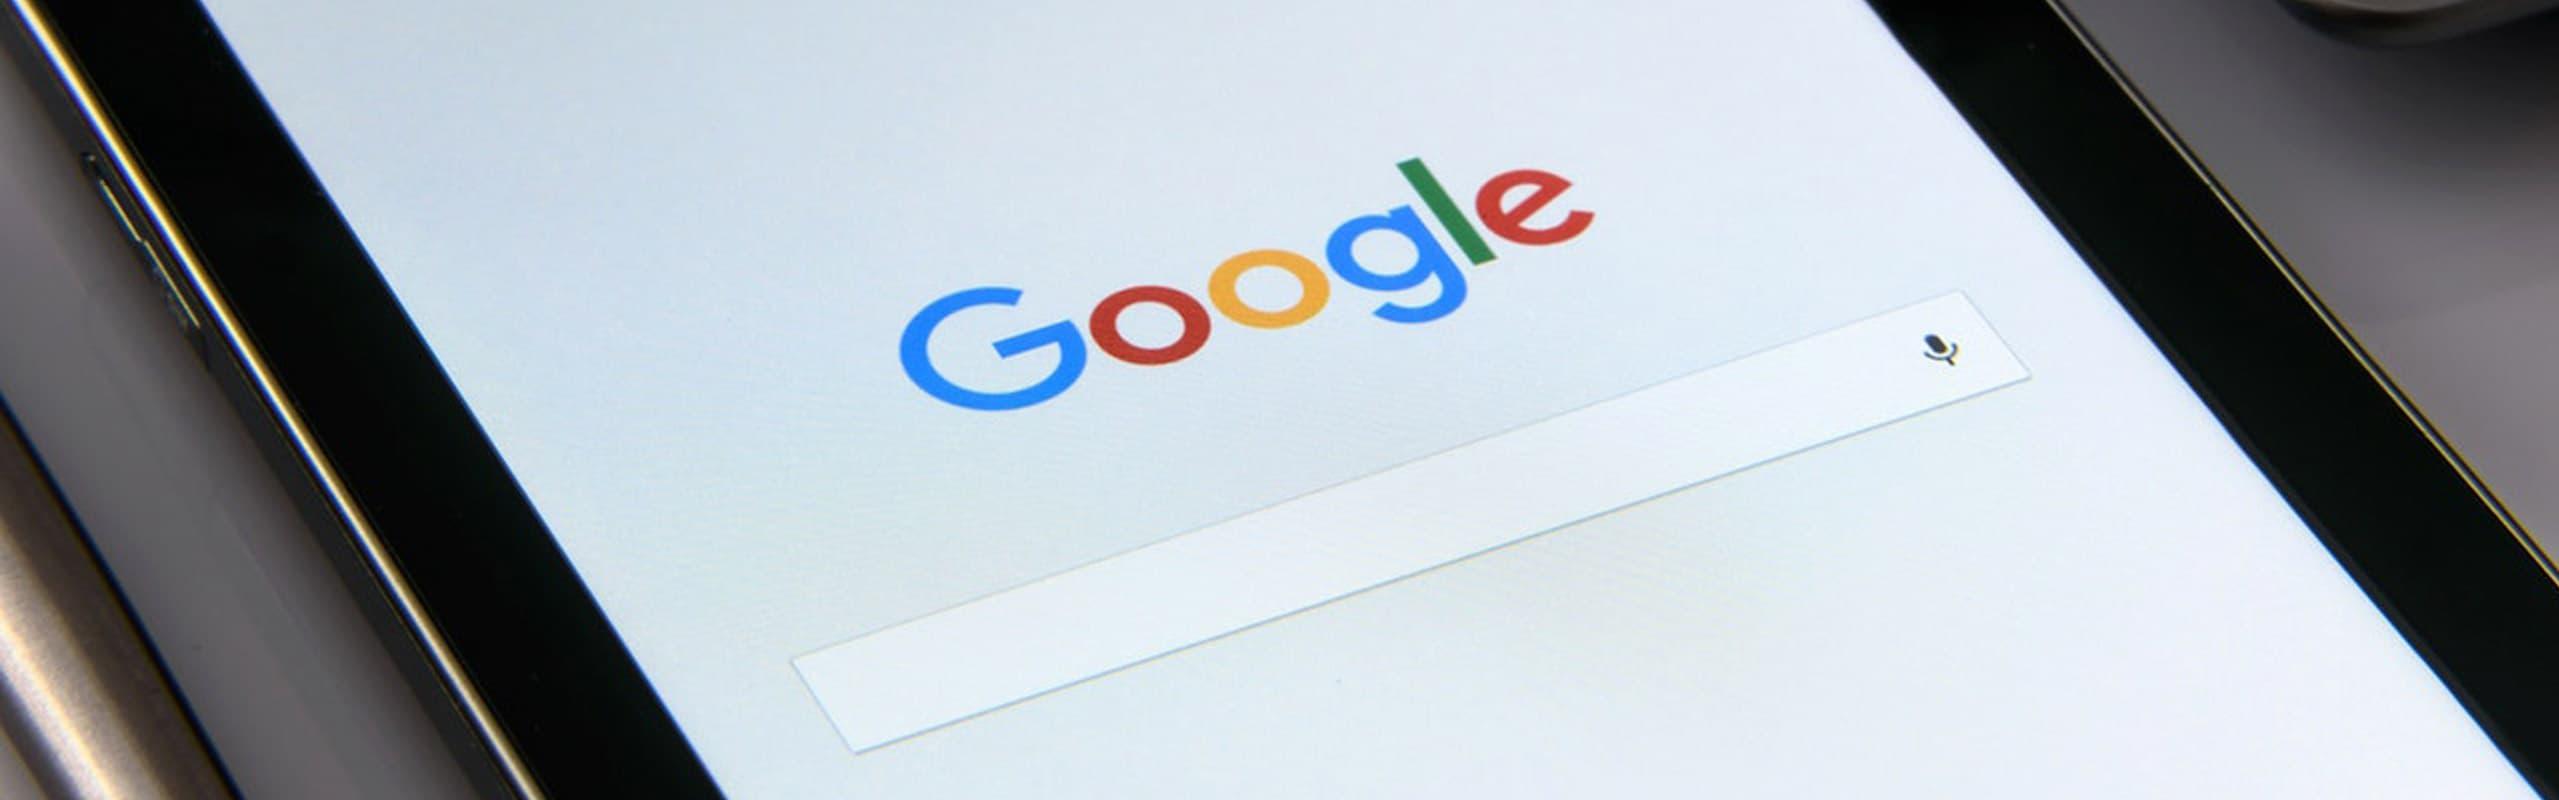 Descubre el seo y sem y cómo puede beneficiar a tu web